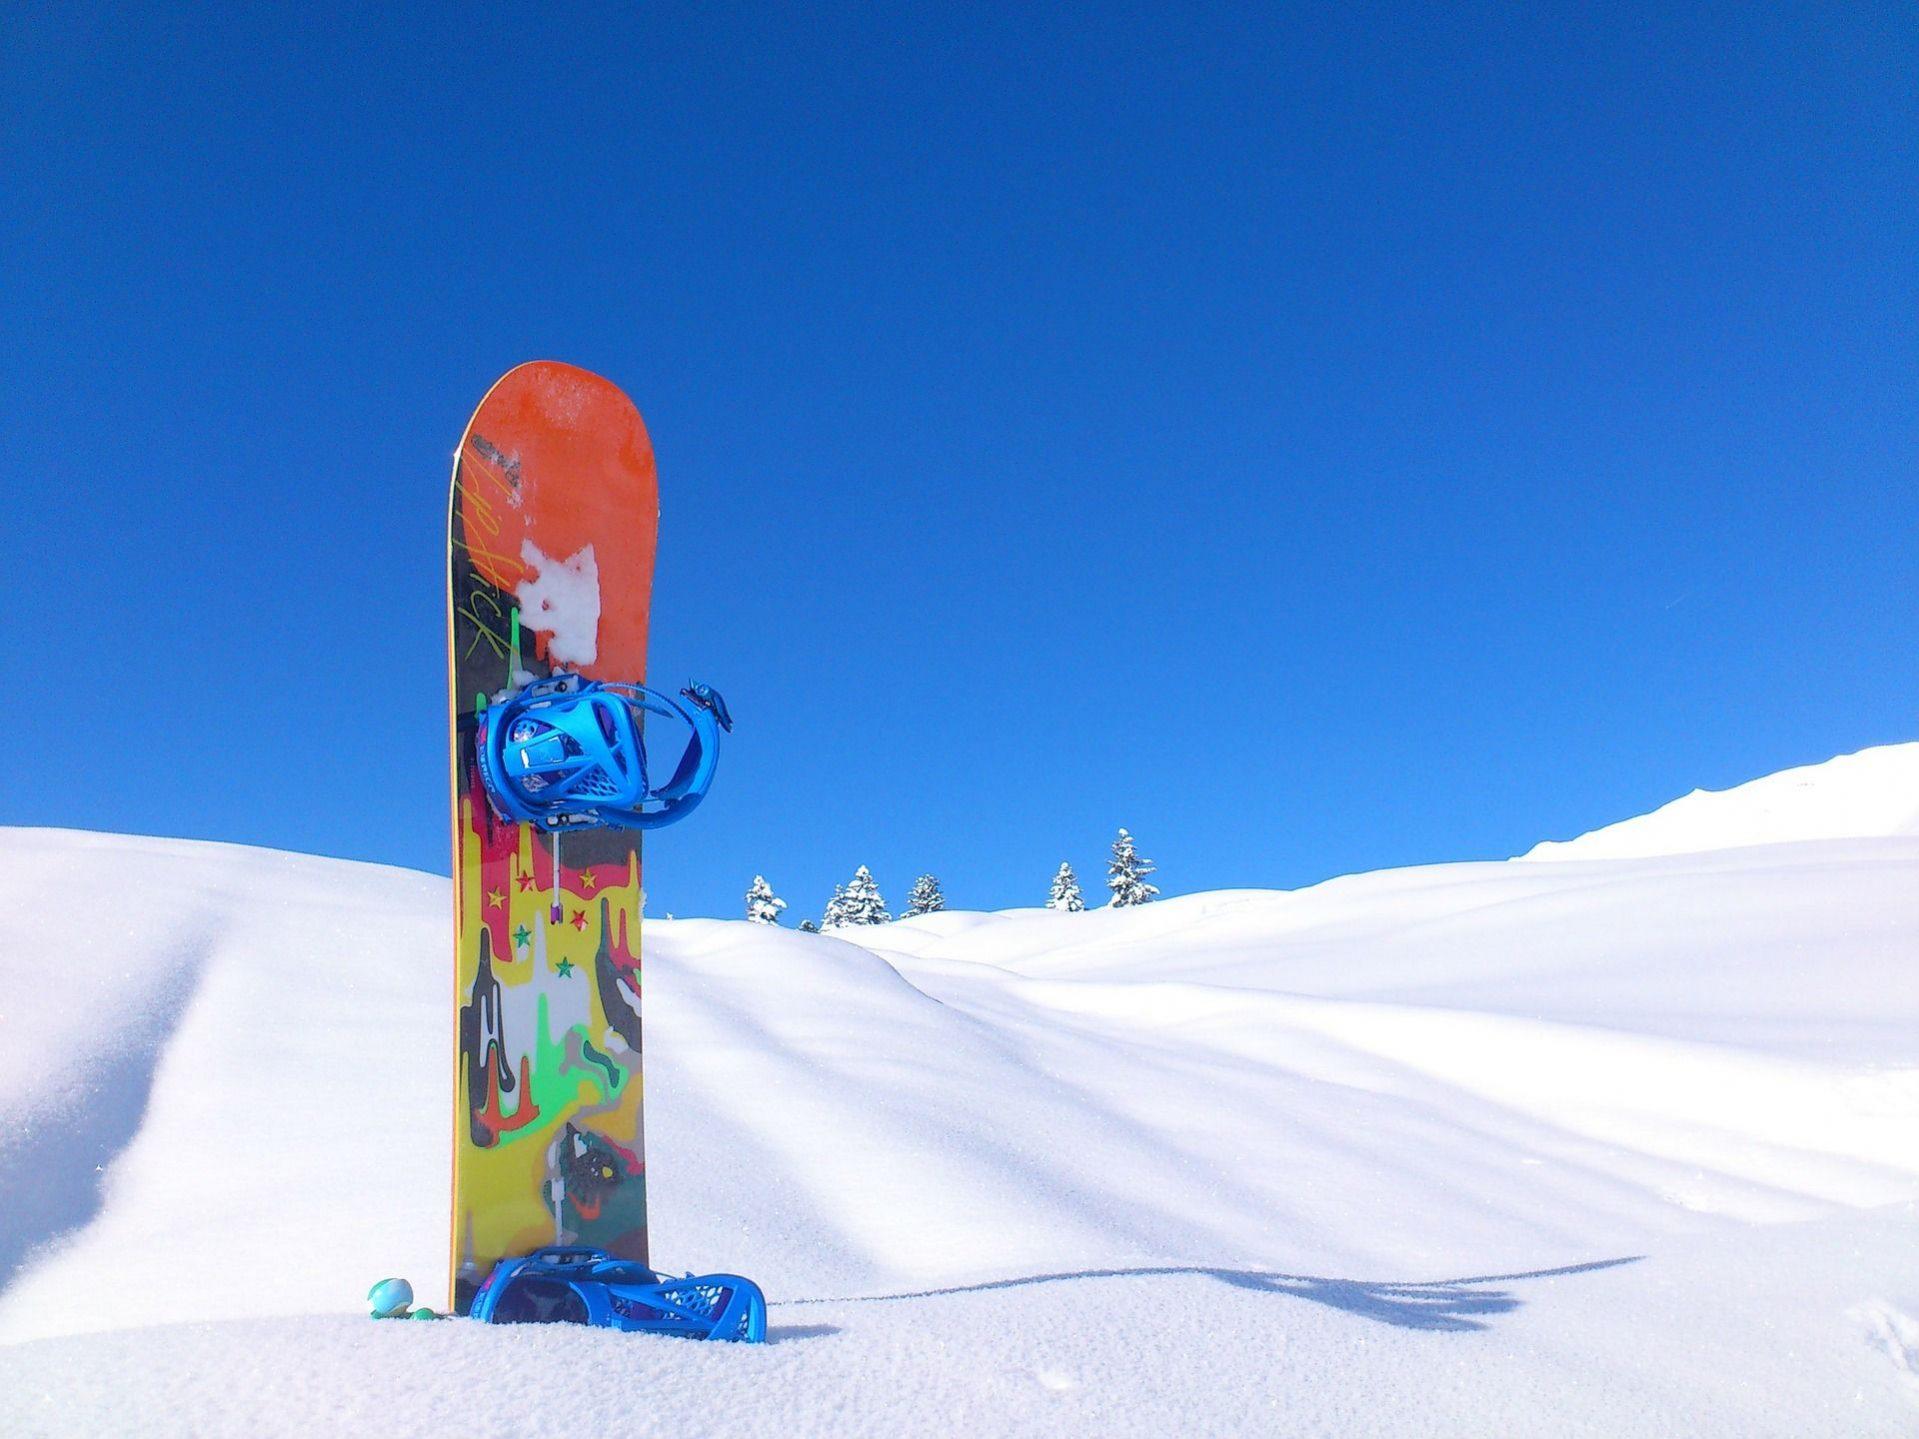 table de snowboard dans la neige